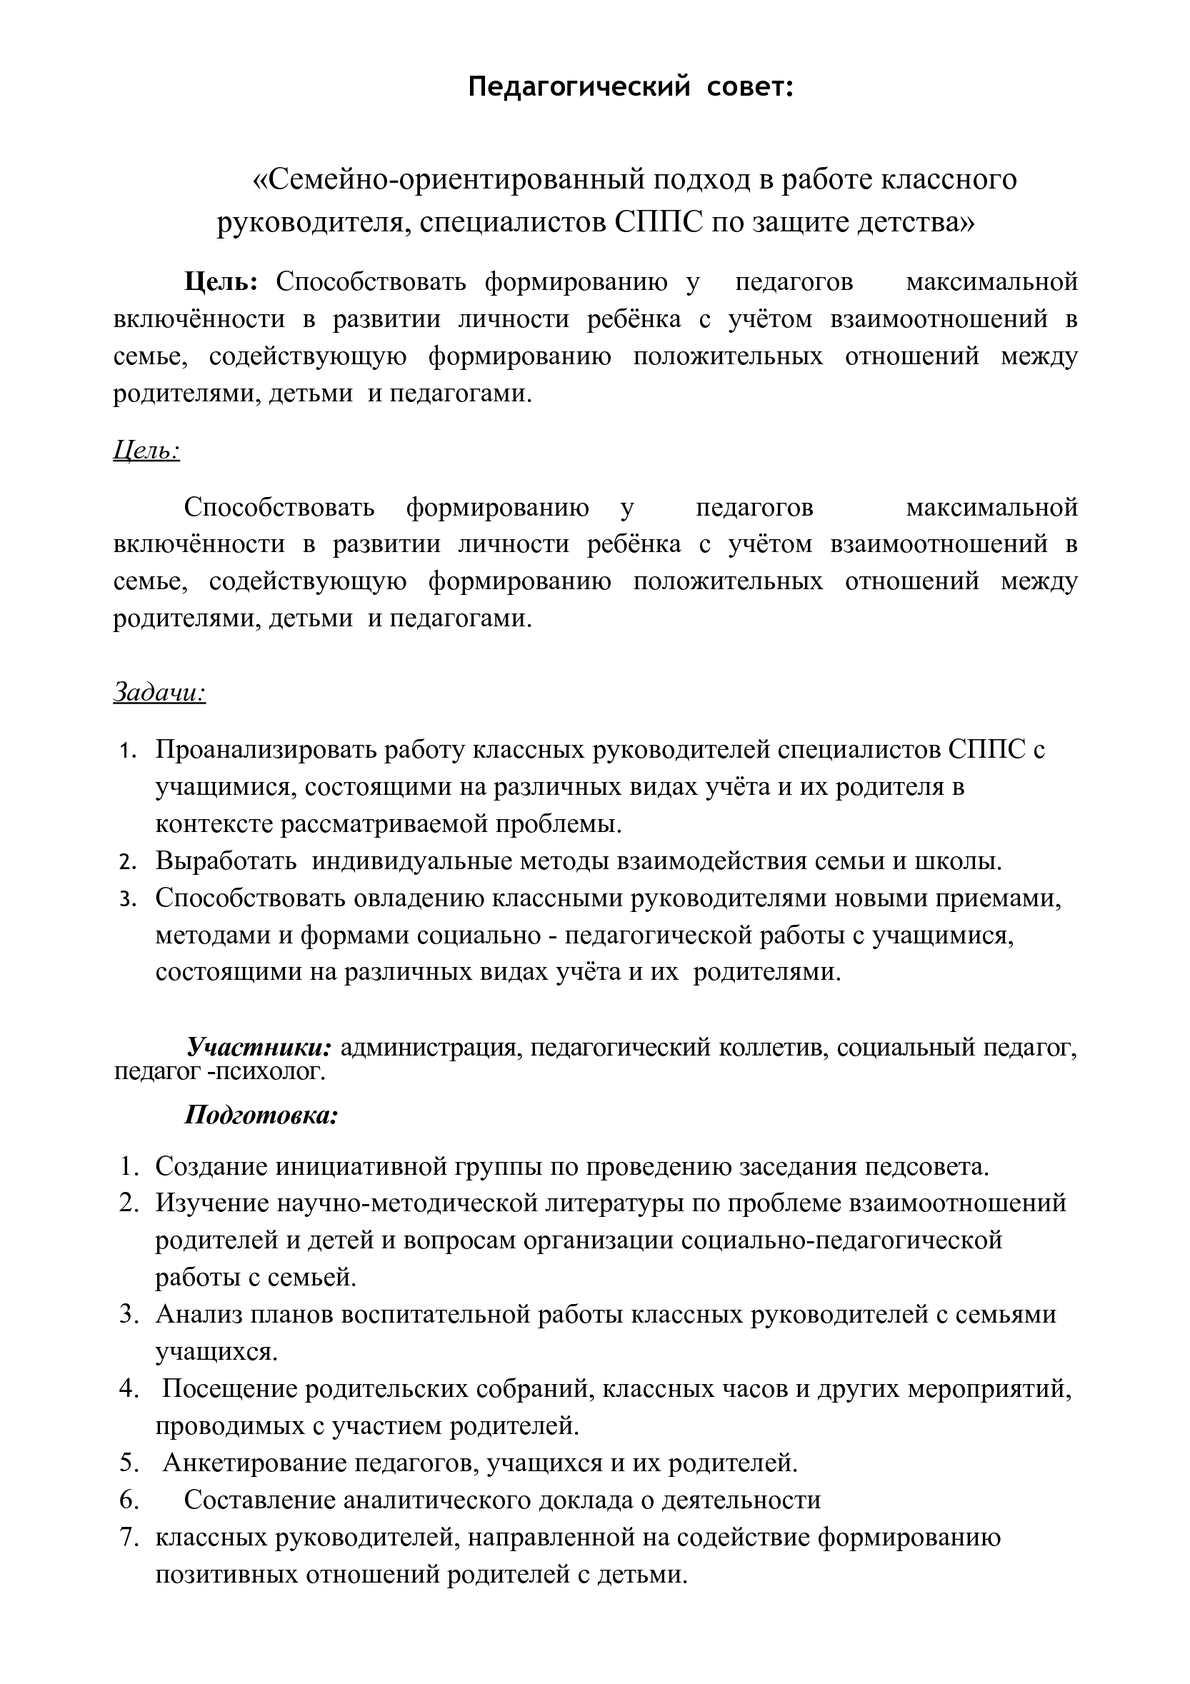 Выступления доклады по организации и проведению воспитательной работы 2287